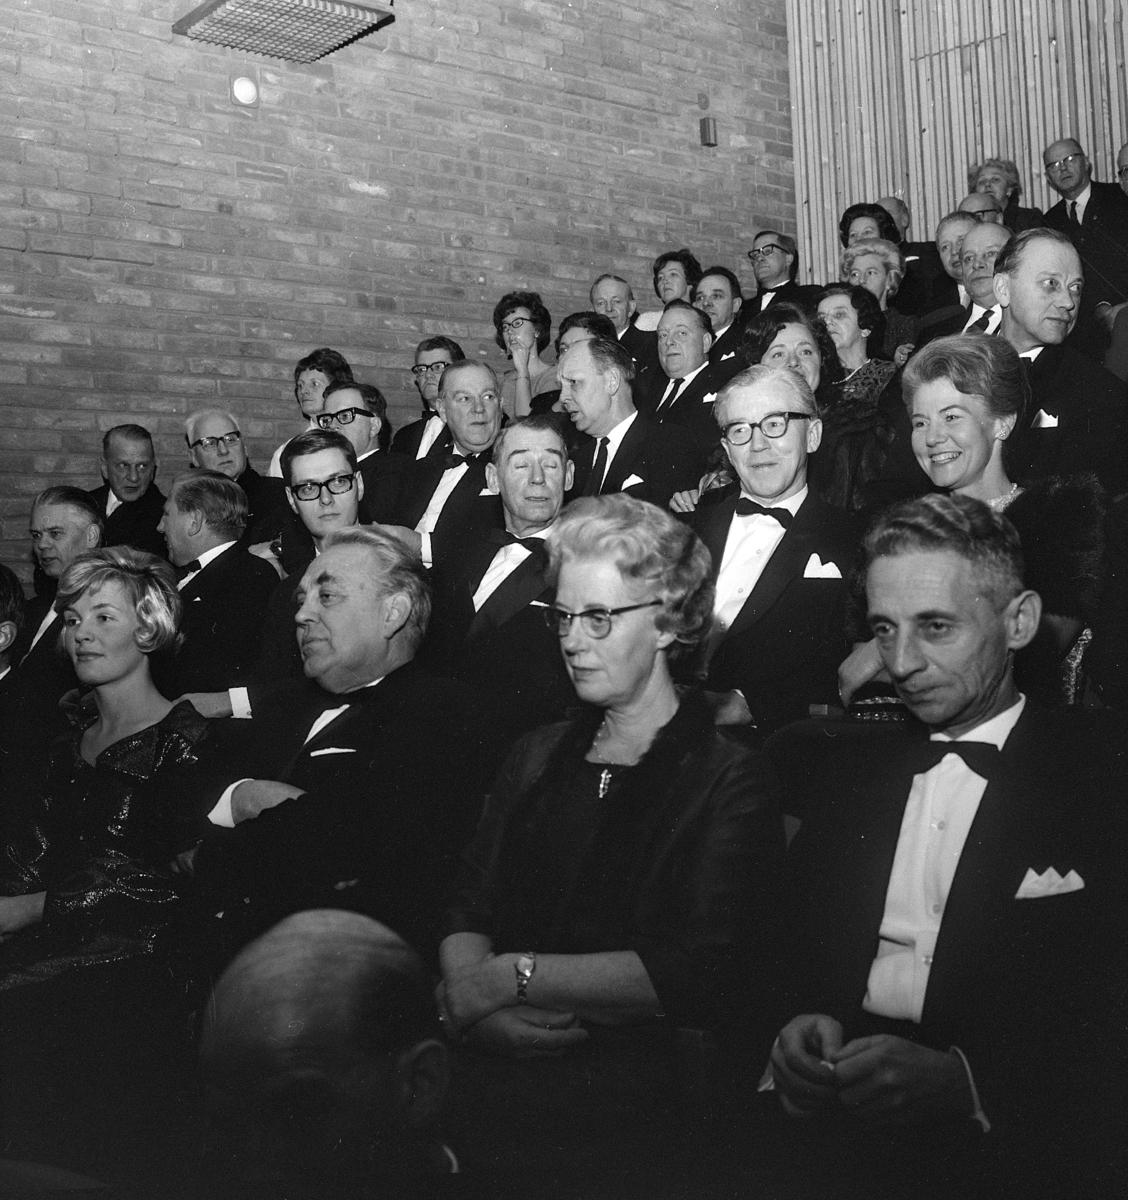 Sagatun kino, Hamar. Åpningsdagen 05.01.1968. Inviterte gjester.